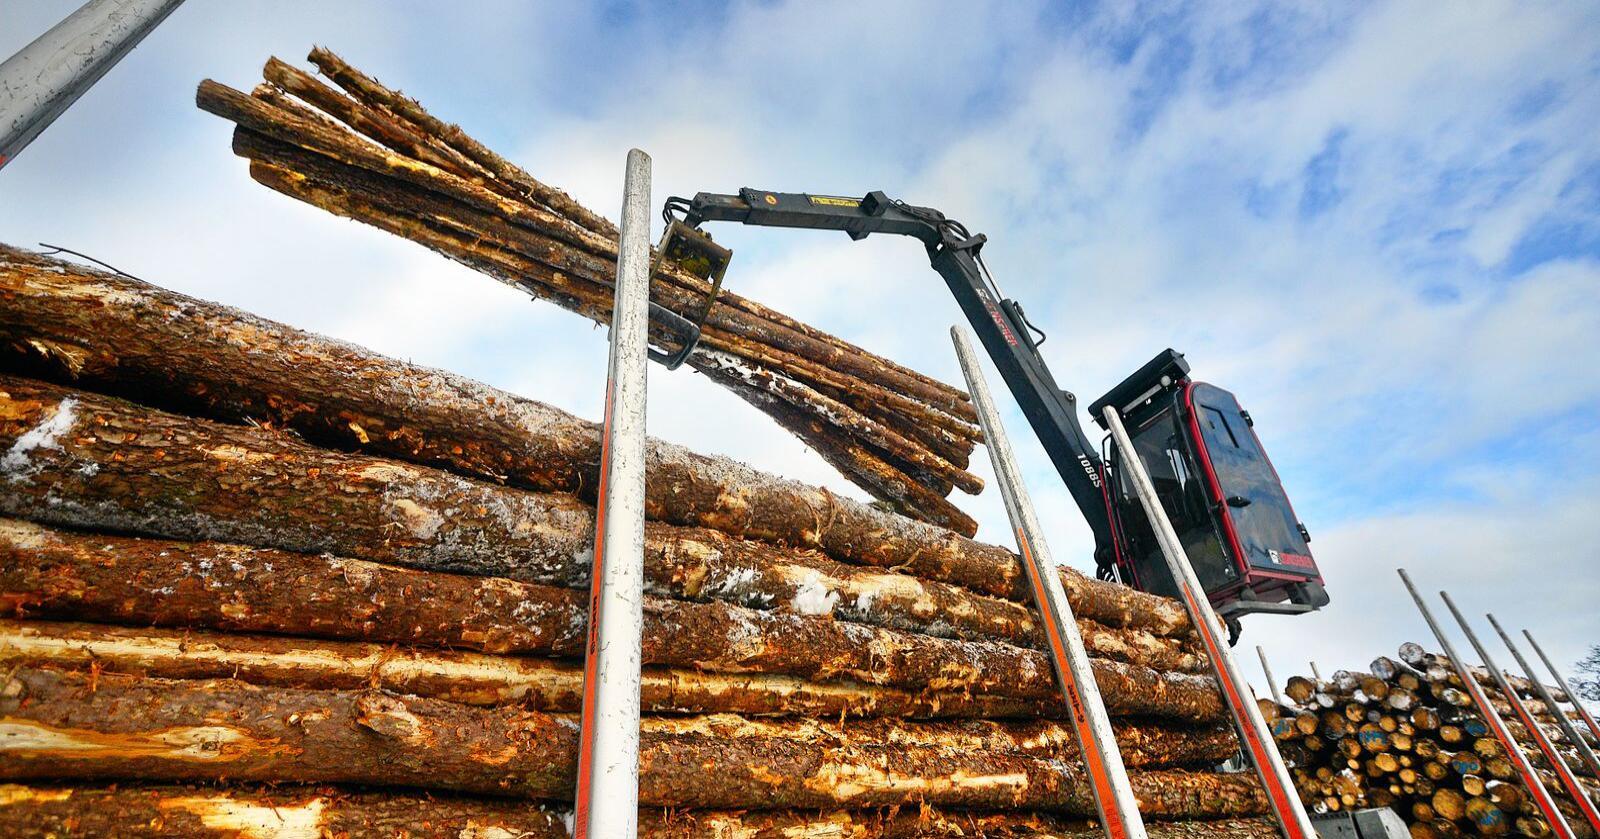 Prisene på sagtømmer er økende, opplyser skogeiersamvirkene. Foto: Siri Juell Rasmussen